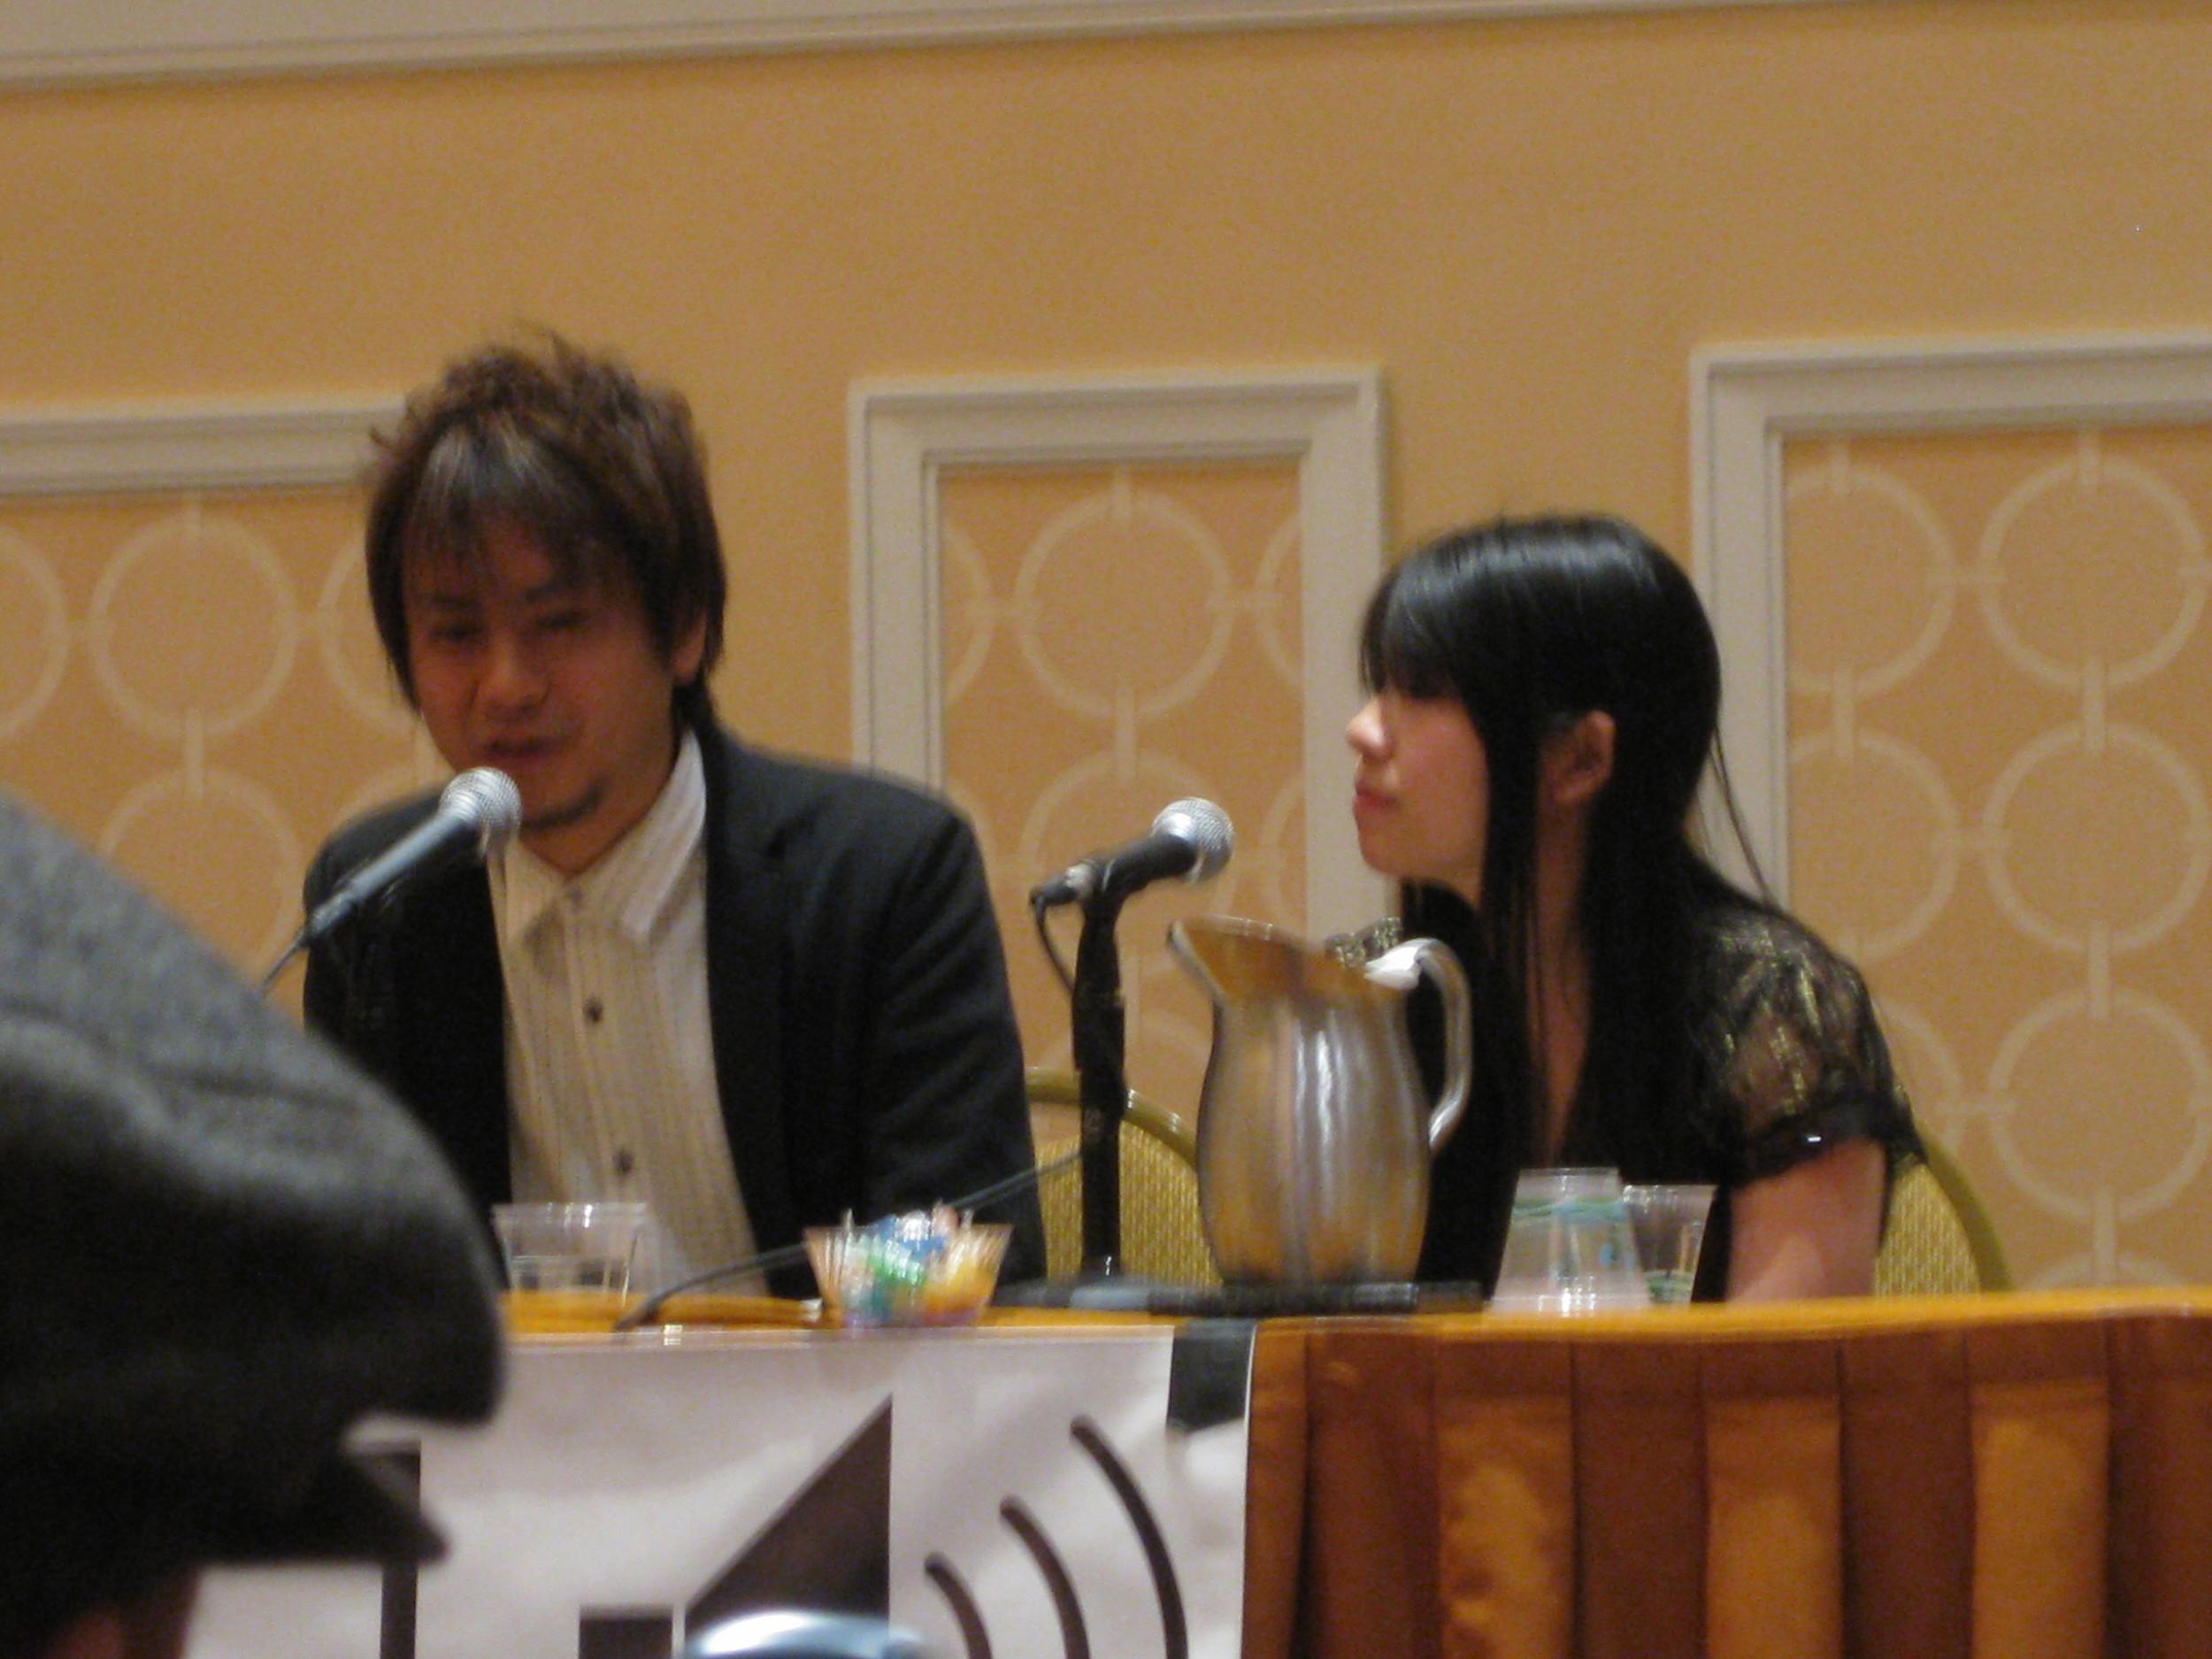 At the Yuzo Koshiro Q&A